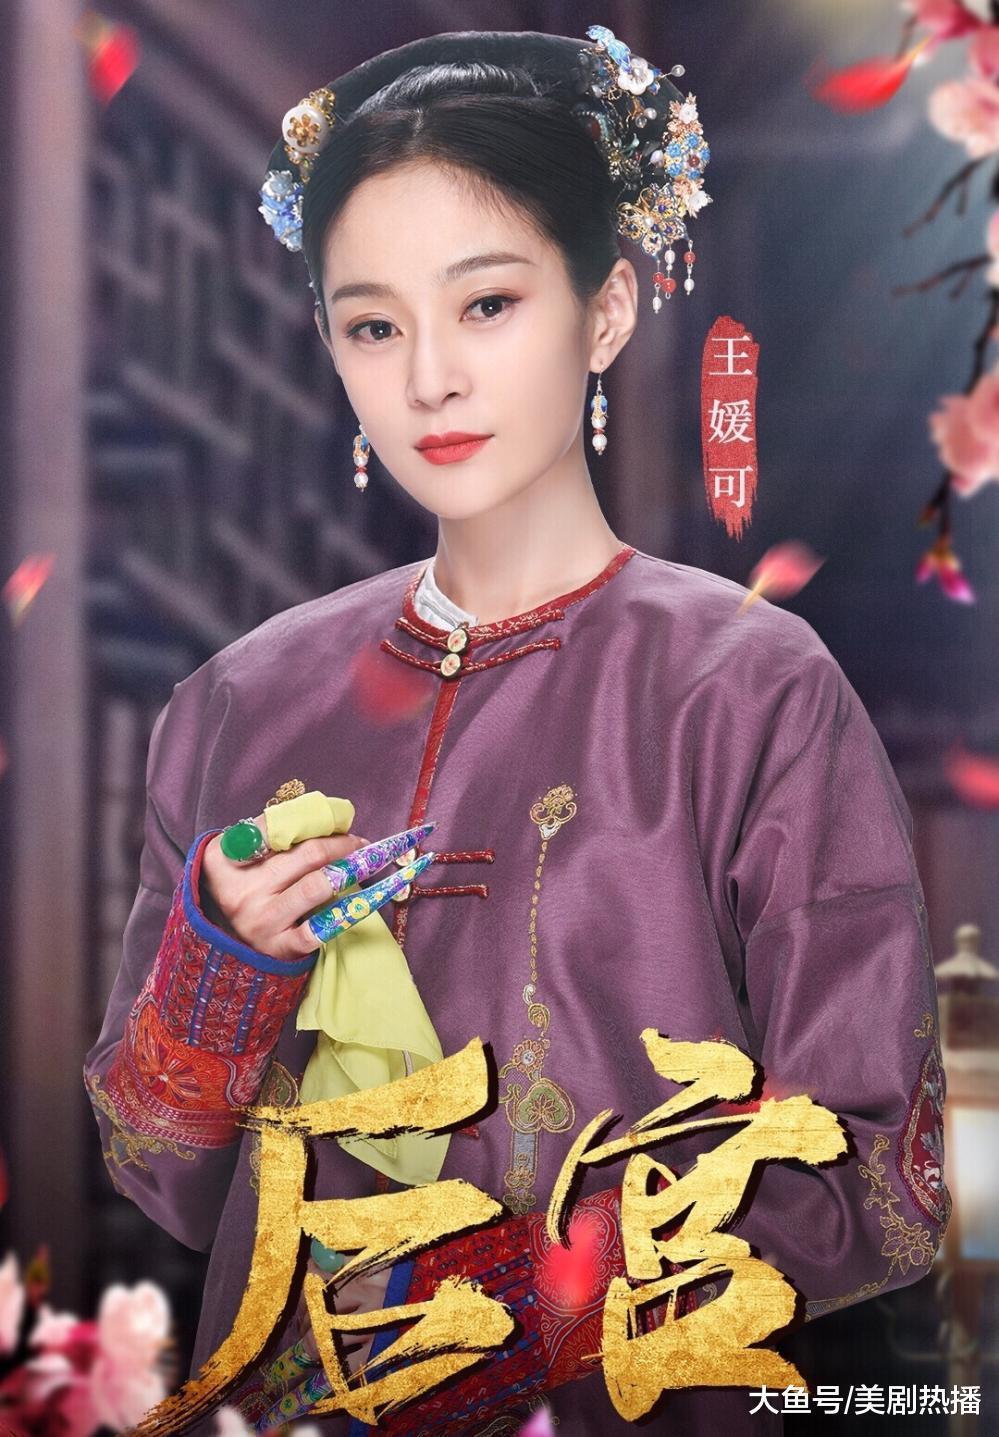 王媛可泪洒舞台揭女演员现状, 还凭演技获称赞! 好演员不该被埋没